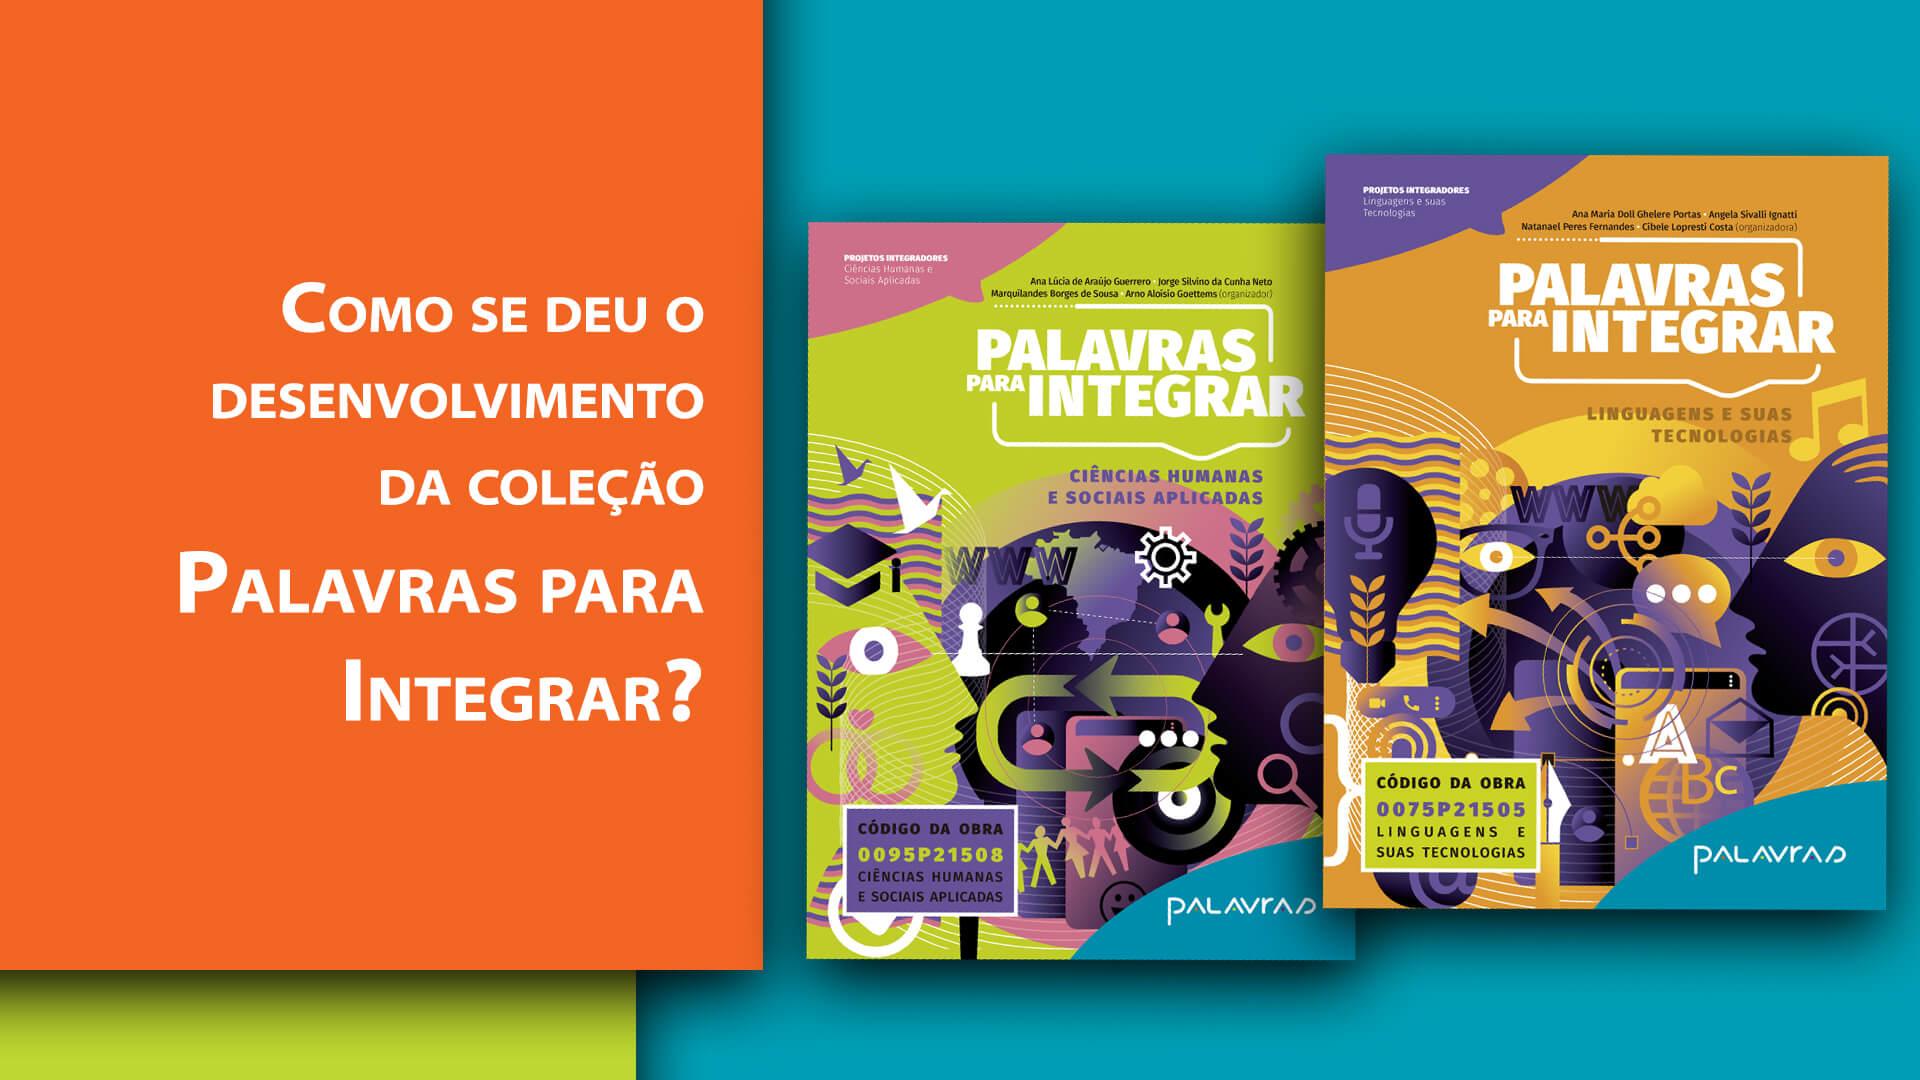 Palavras Projetos Editoriais | PNLD 2021 | Conheça nossas obras aprovadas!